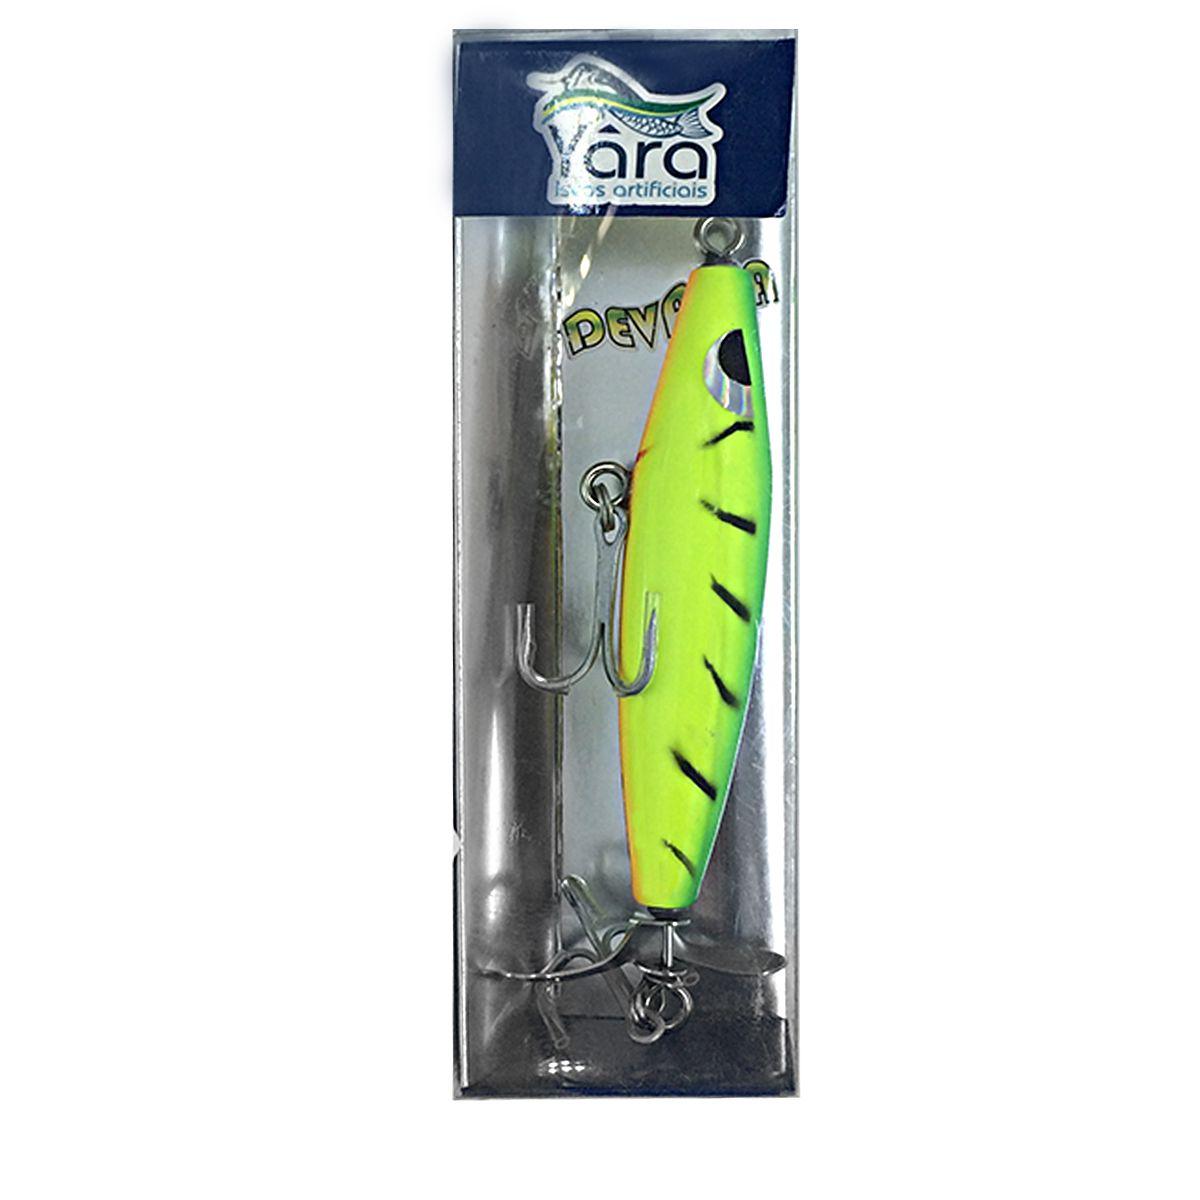 Isca Artificial Yara Devassa com Hélice 9cm 17g